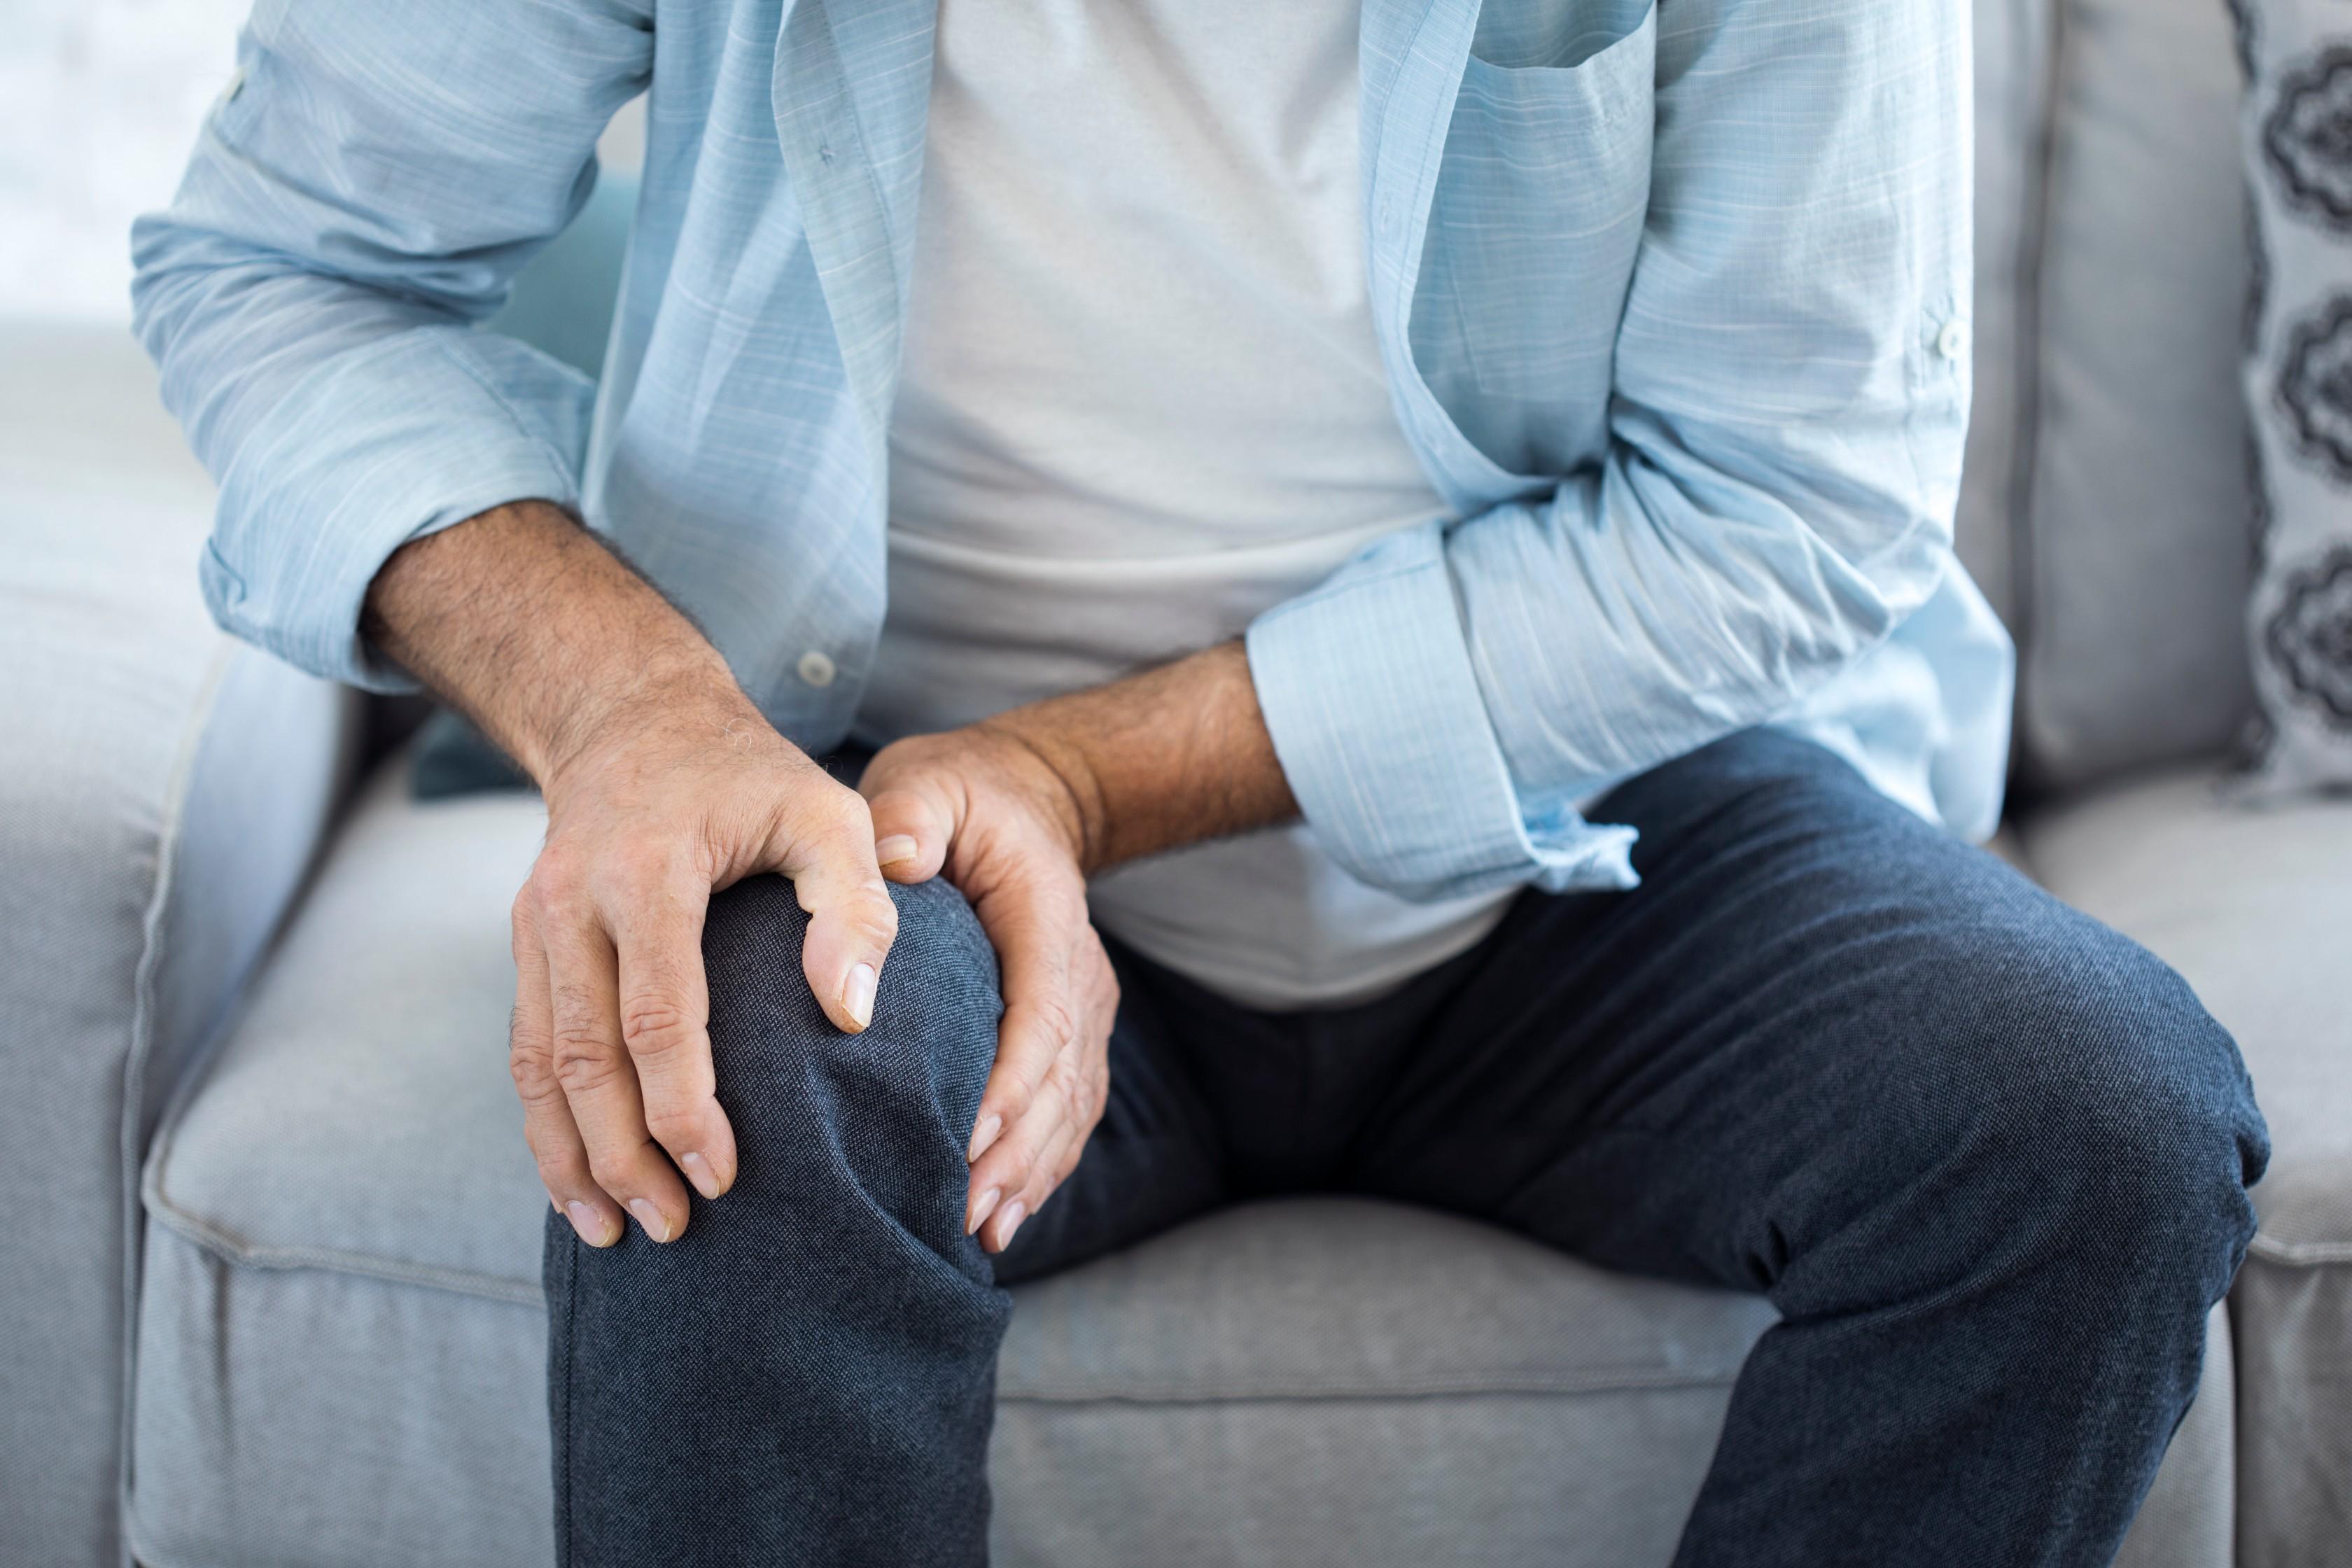 ízületi fájdalomkiütés a test egész területén